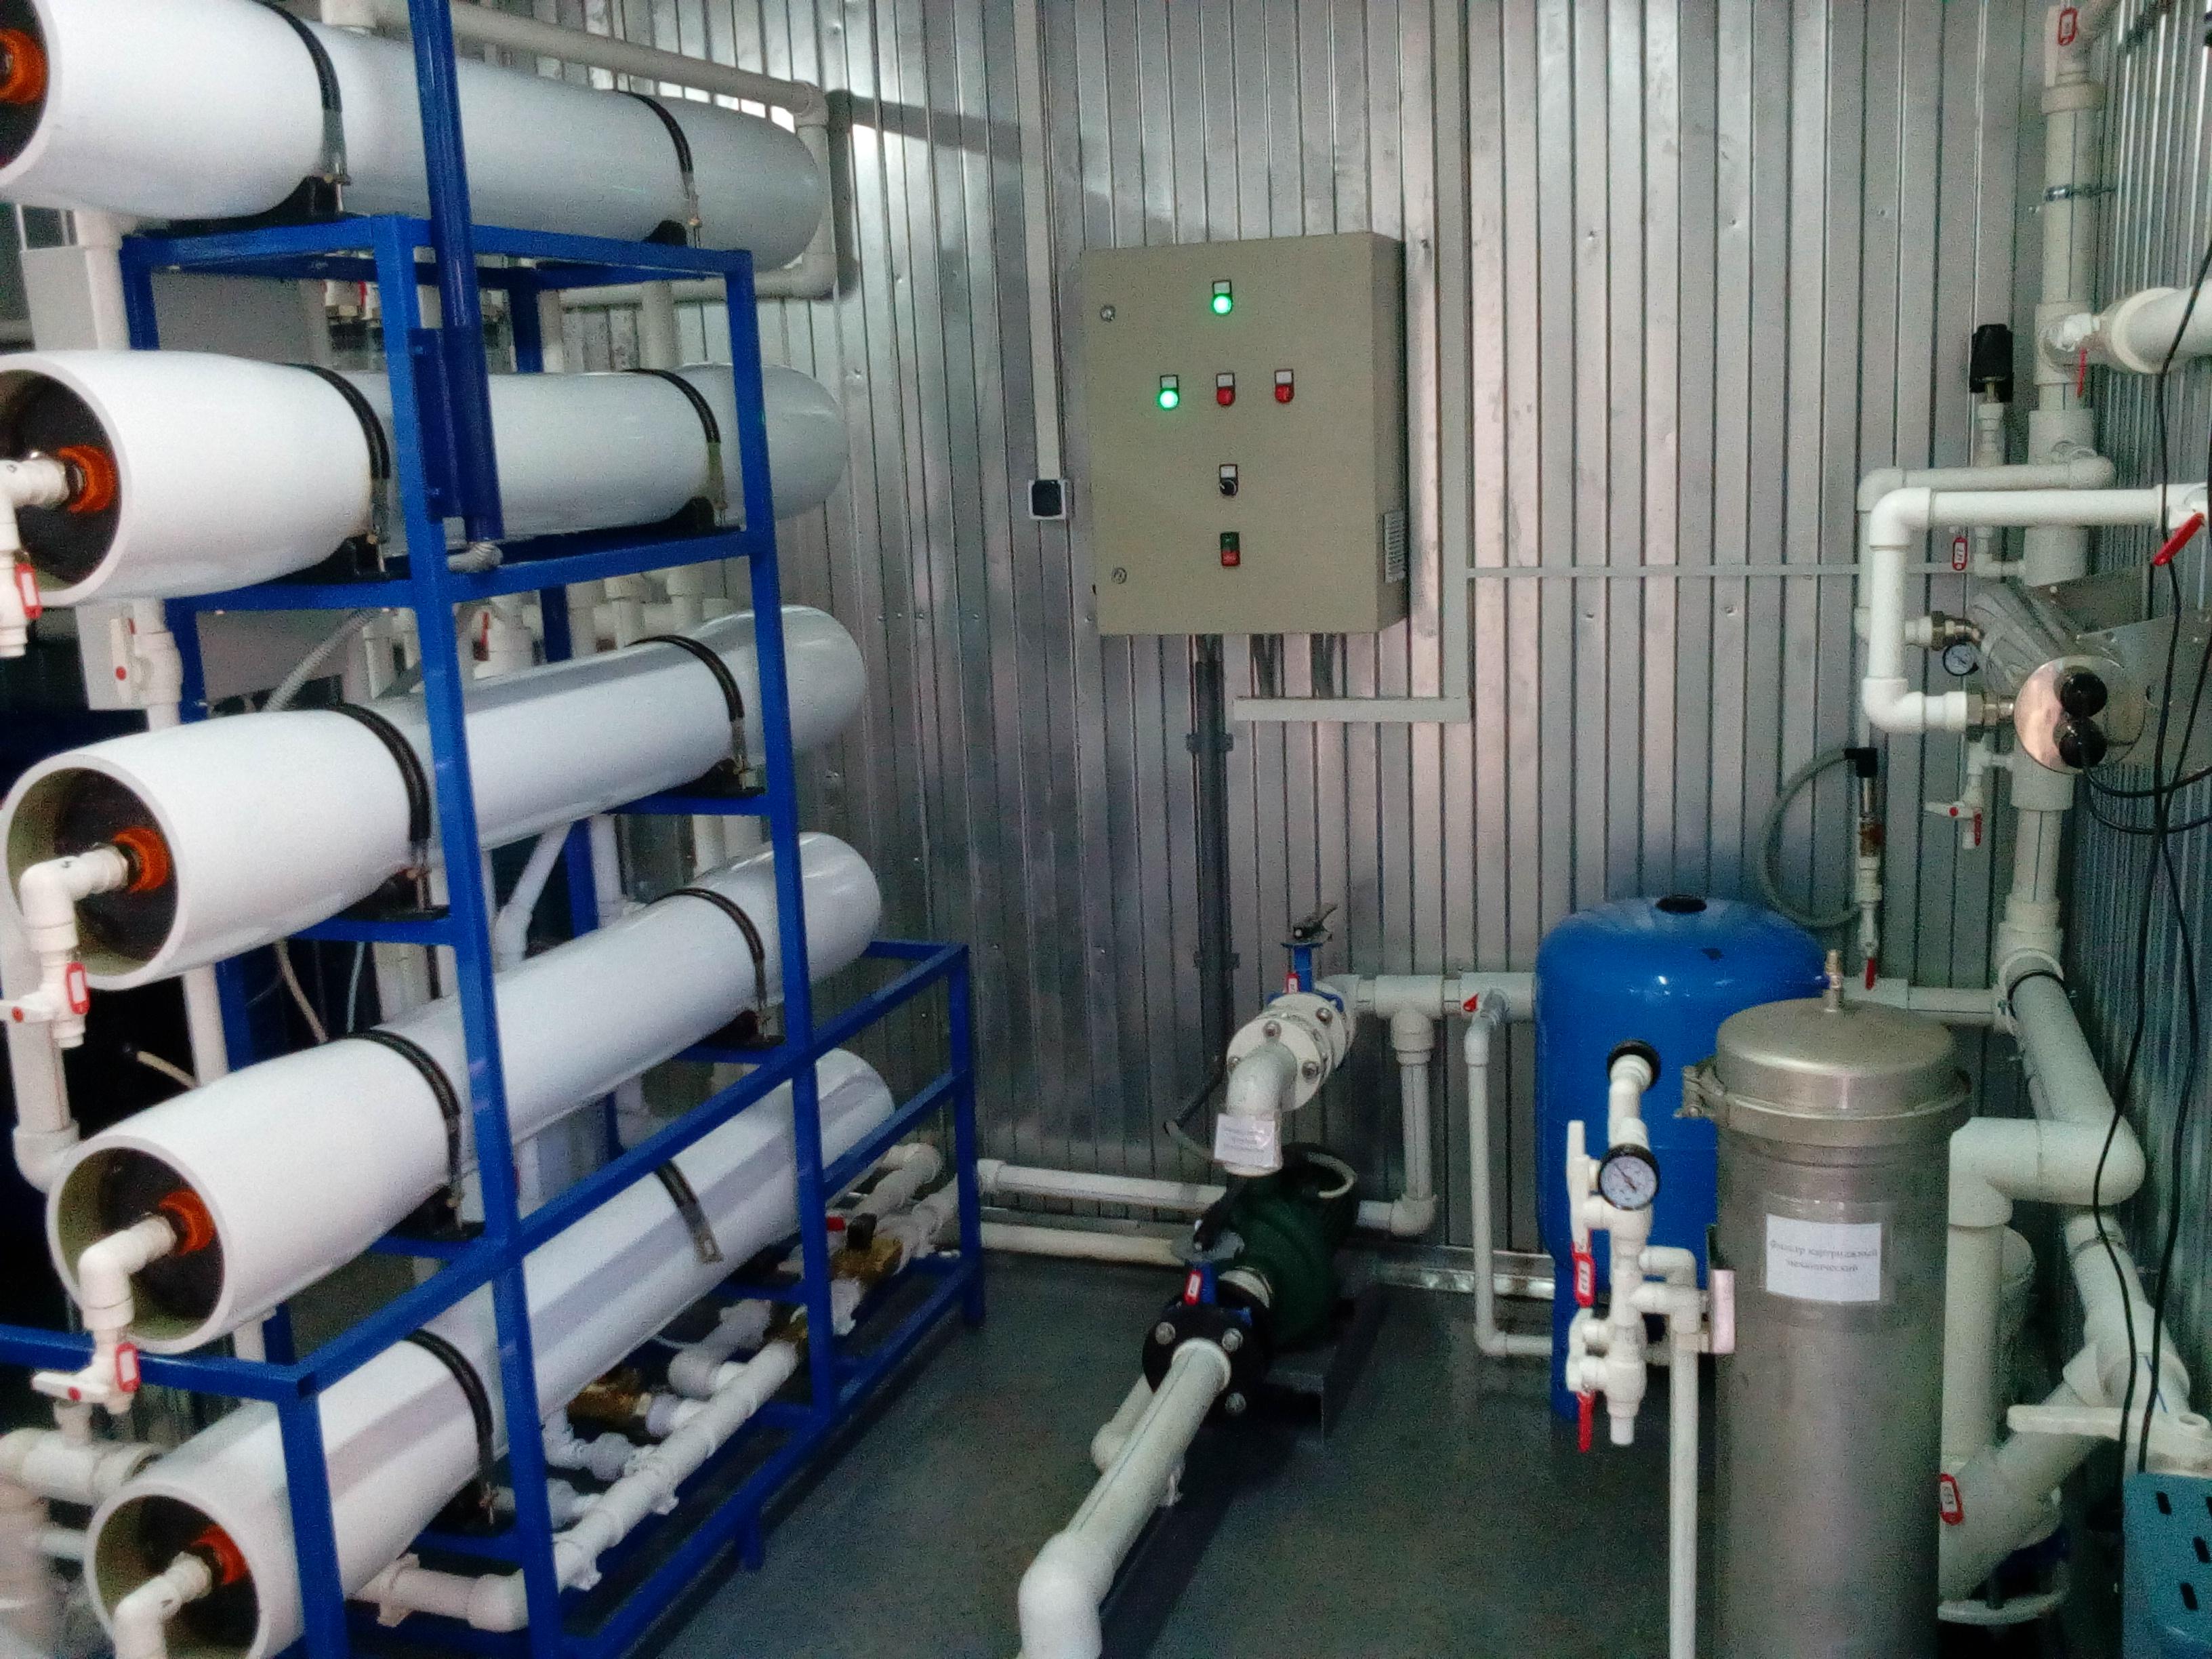 5.118 станций водоочисток, что дало возможность ни одной тысячи людей пить чистую питьевую воду.